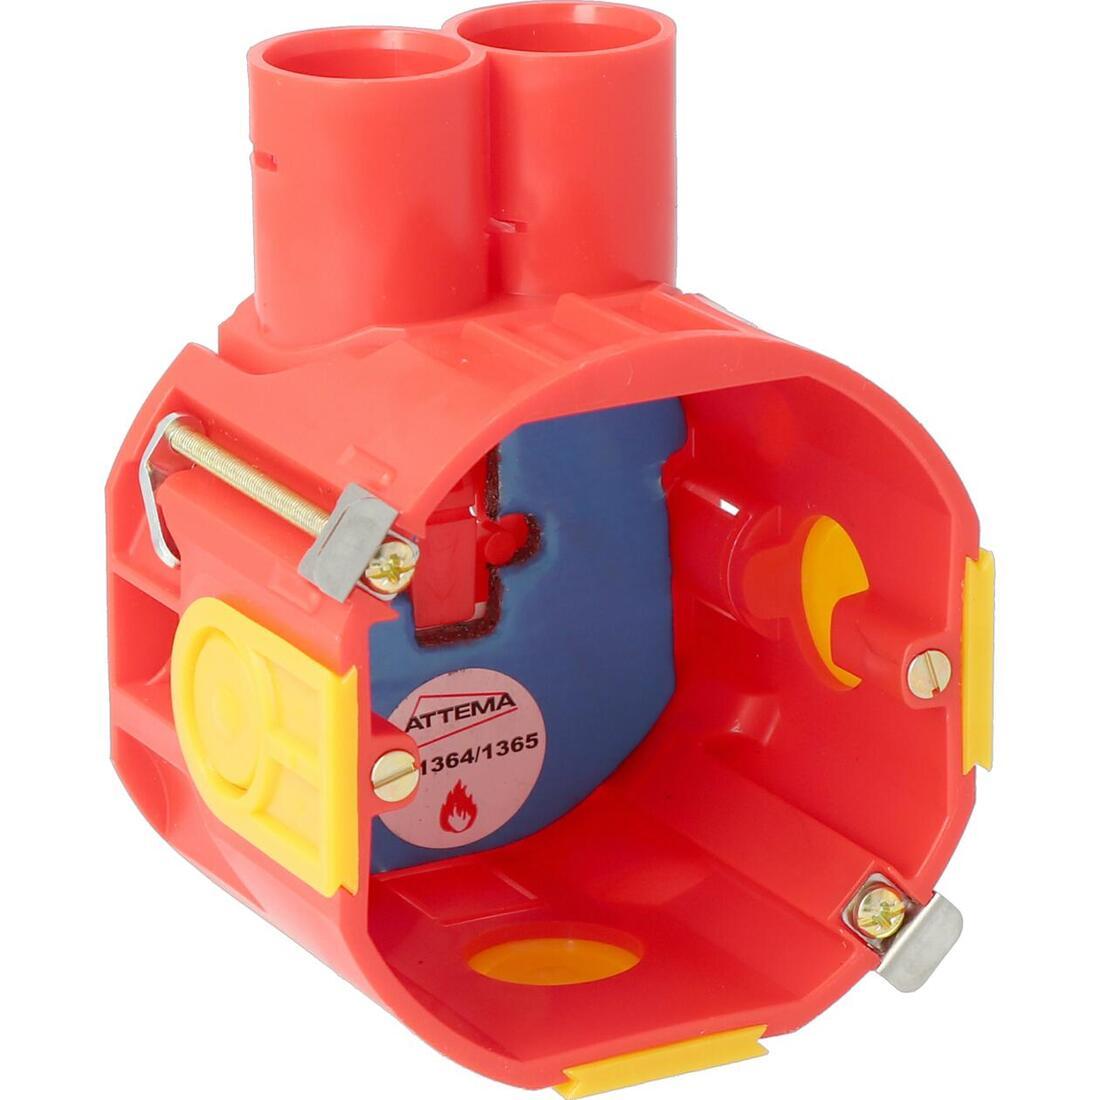 ATTEMA brandwerende inbouwdoos UHW50-BW Ø16/19mm (AT1069)